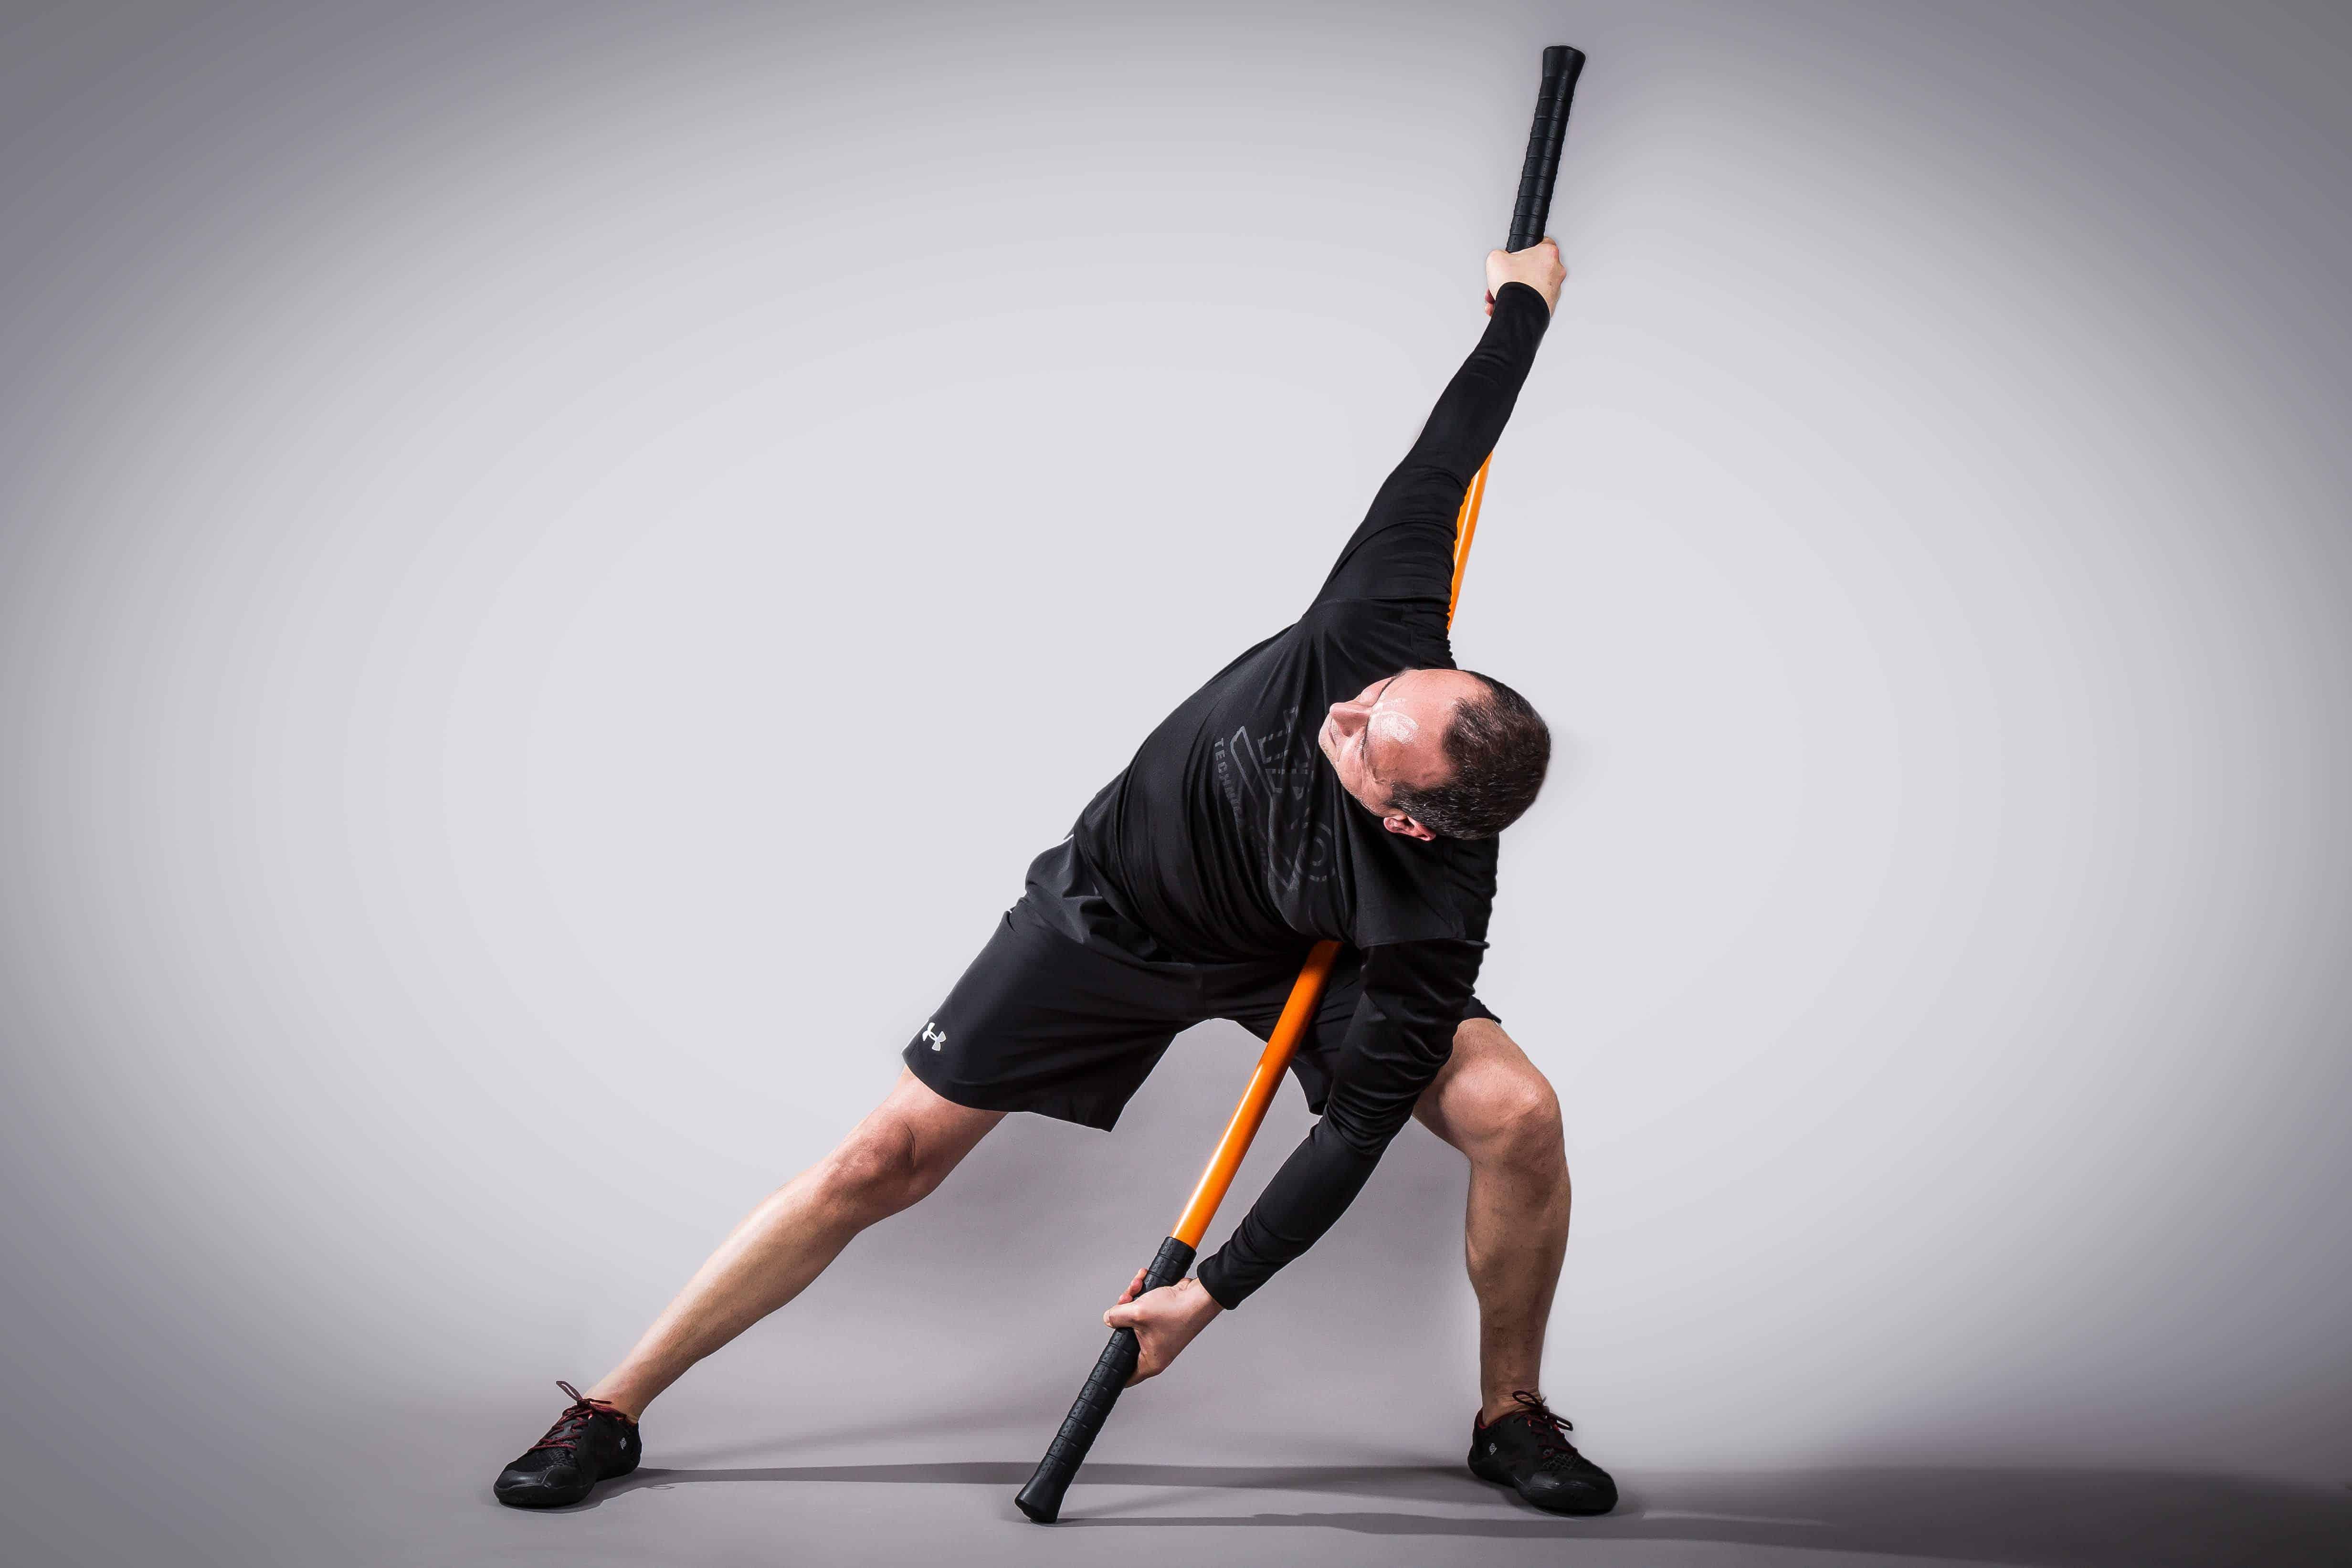 Mobilitätsübungen mit dem Stick Mobility